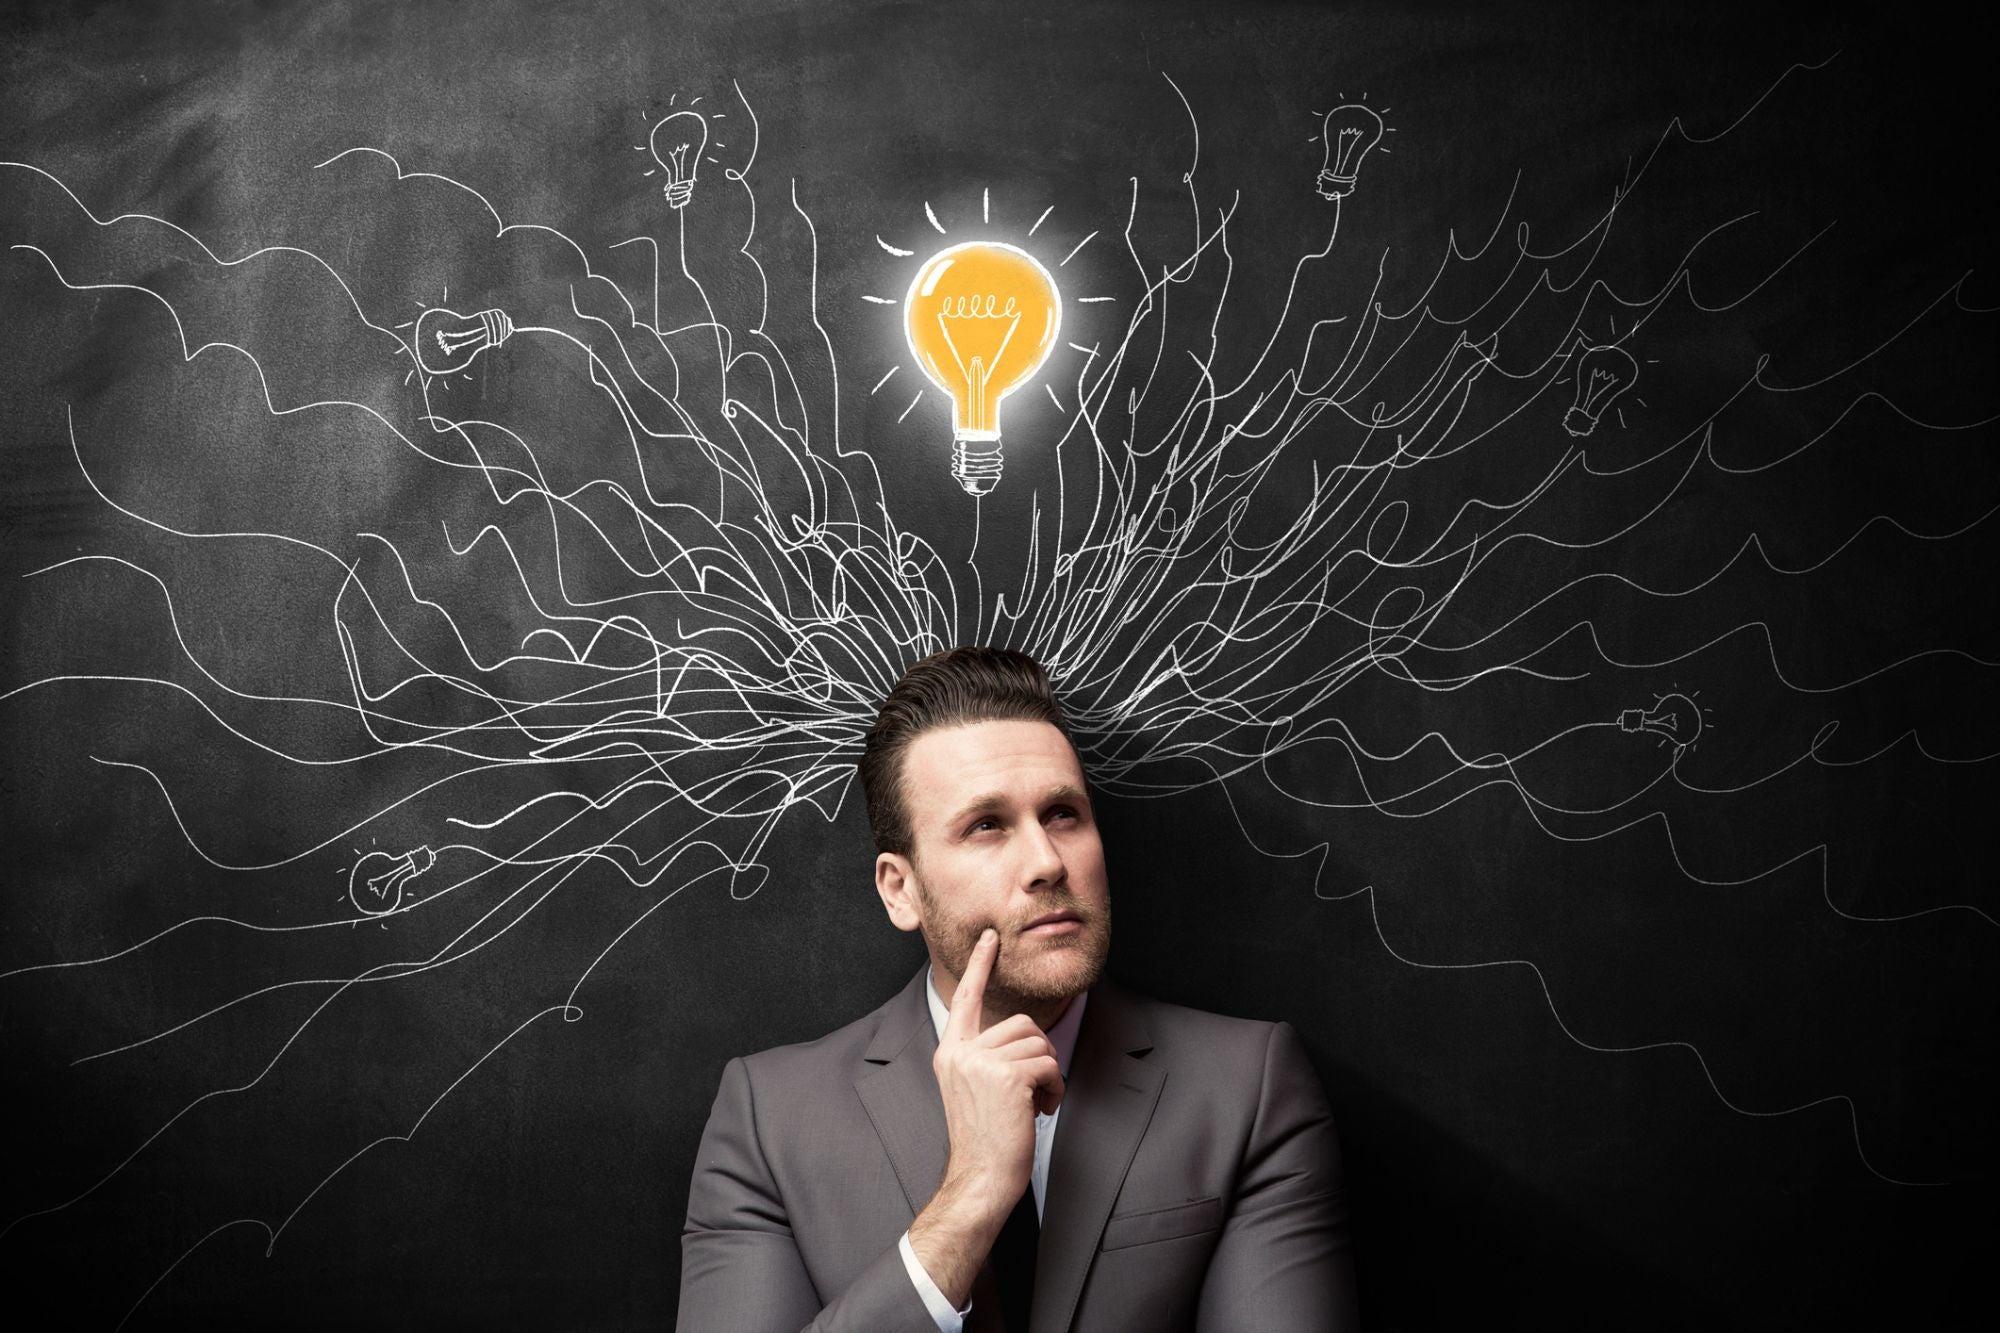 أهم مهارات ومعايير التفكير الناقد التي يجب عليك معرفتها